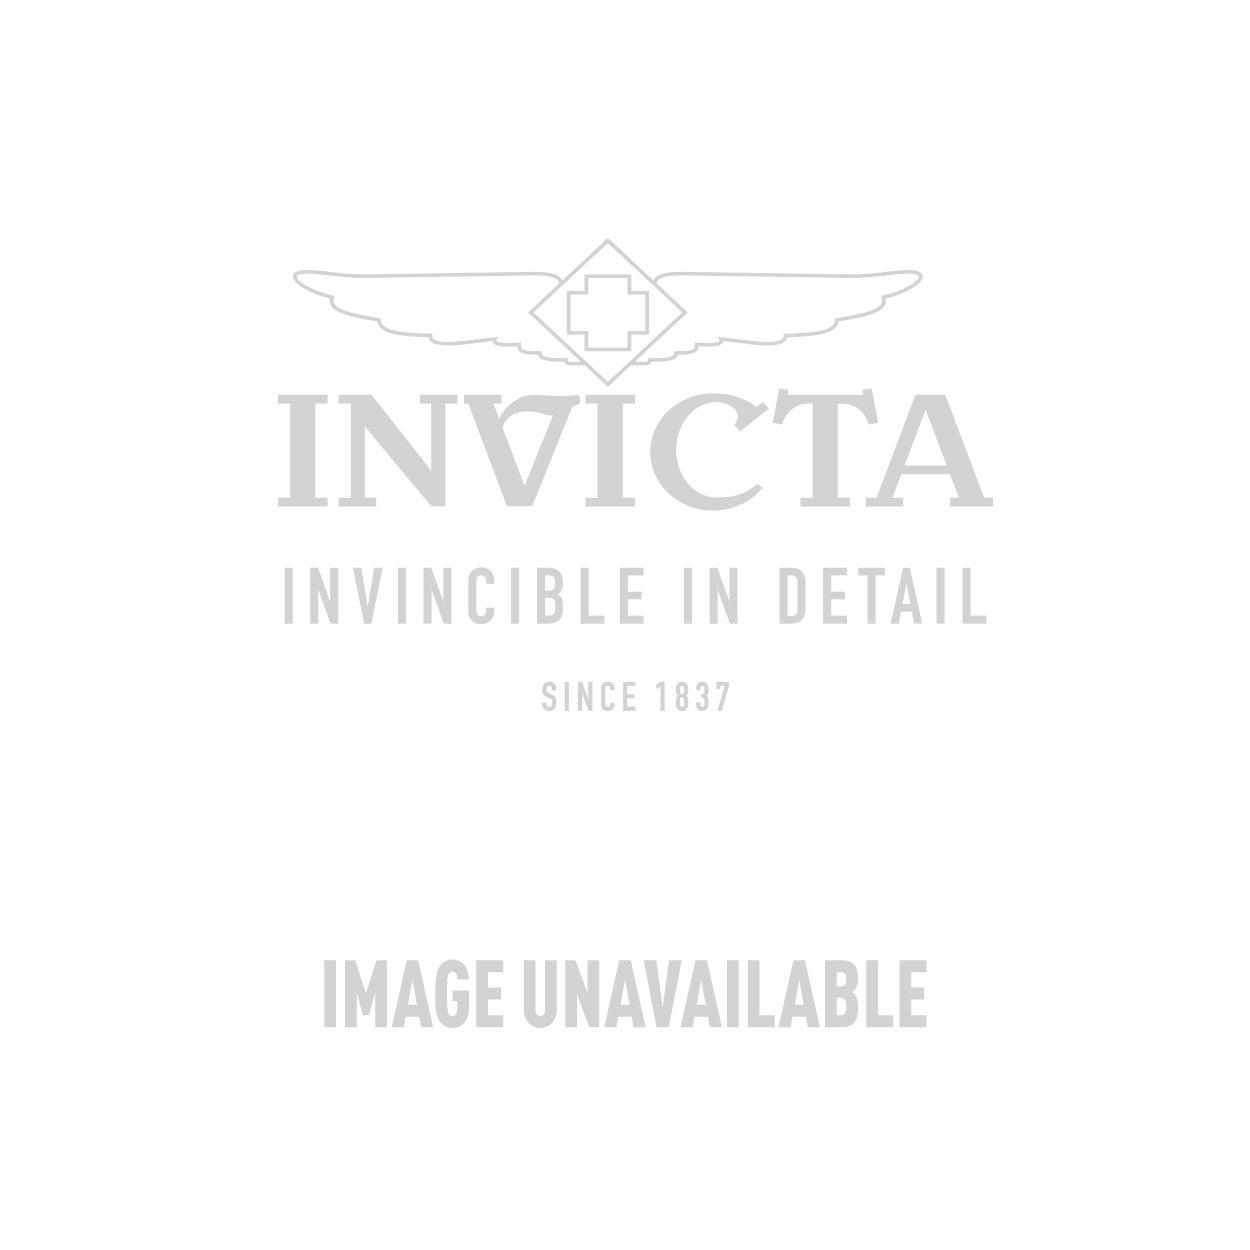 Invicta Model 29400